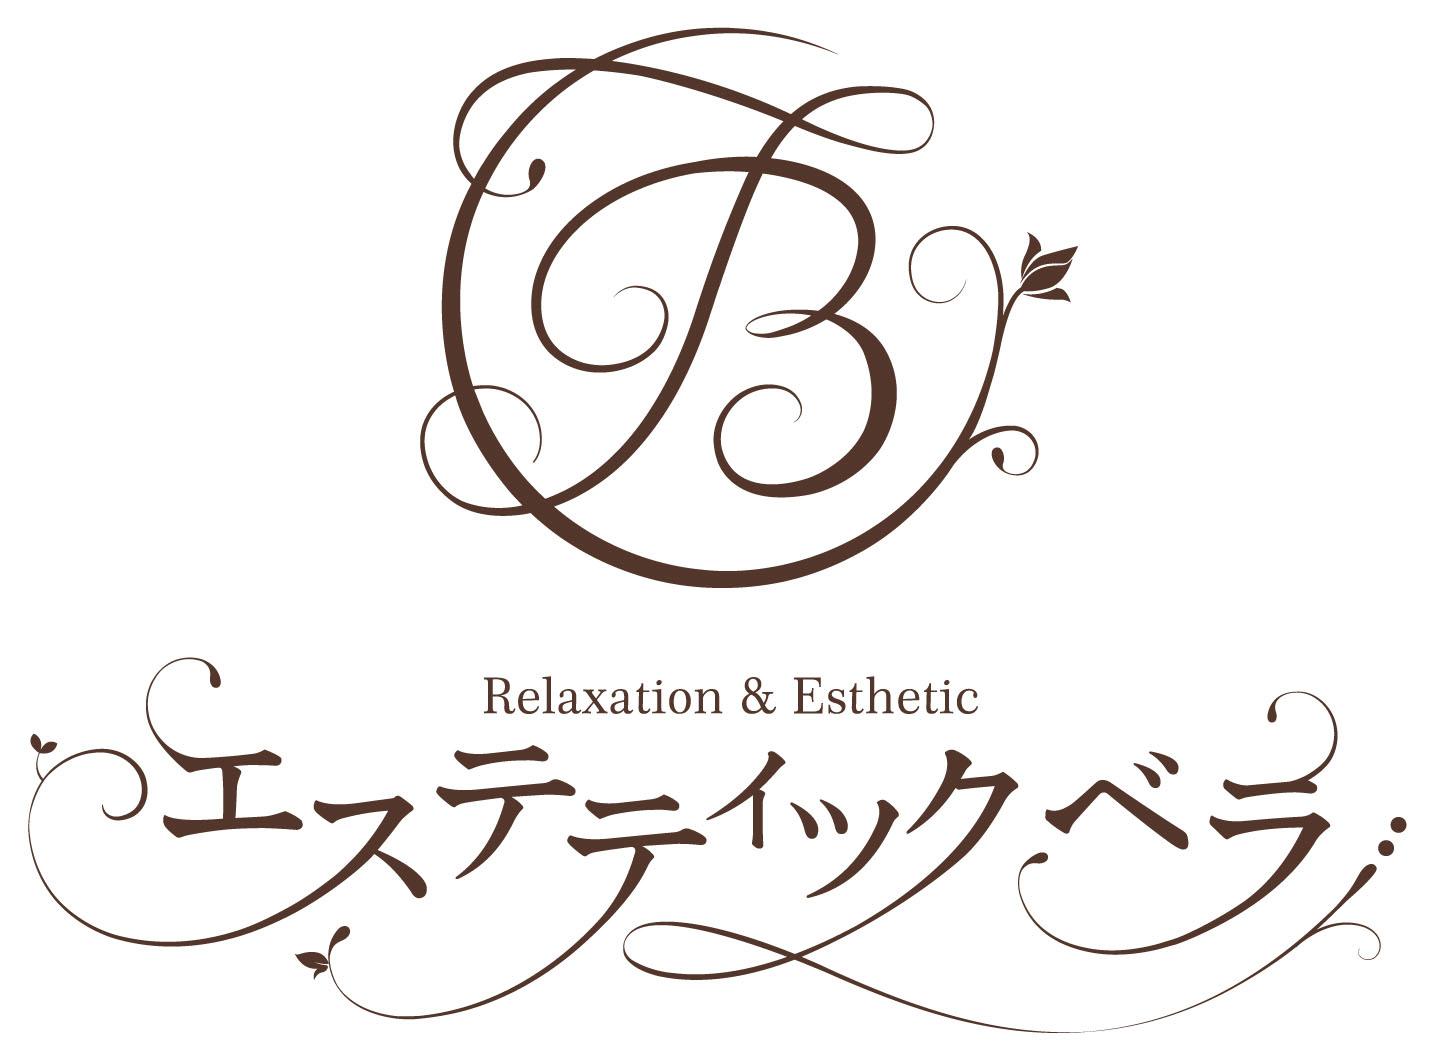 美容室/理髪店/美容系サロンと高級感/気品と茶のロゴ